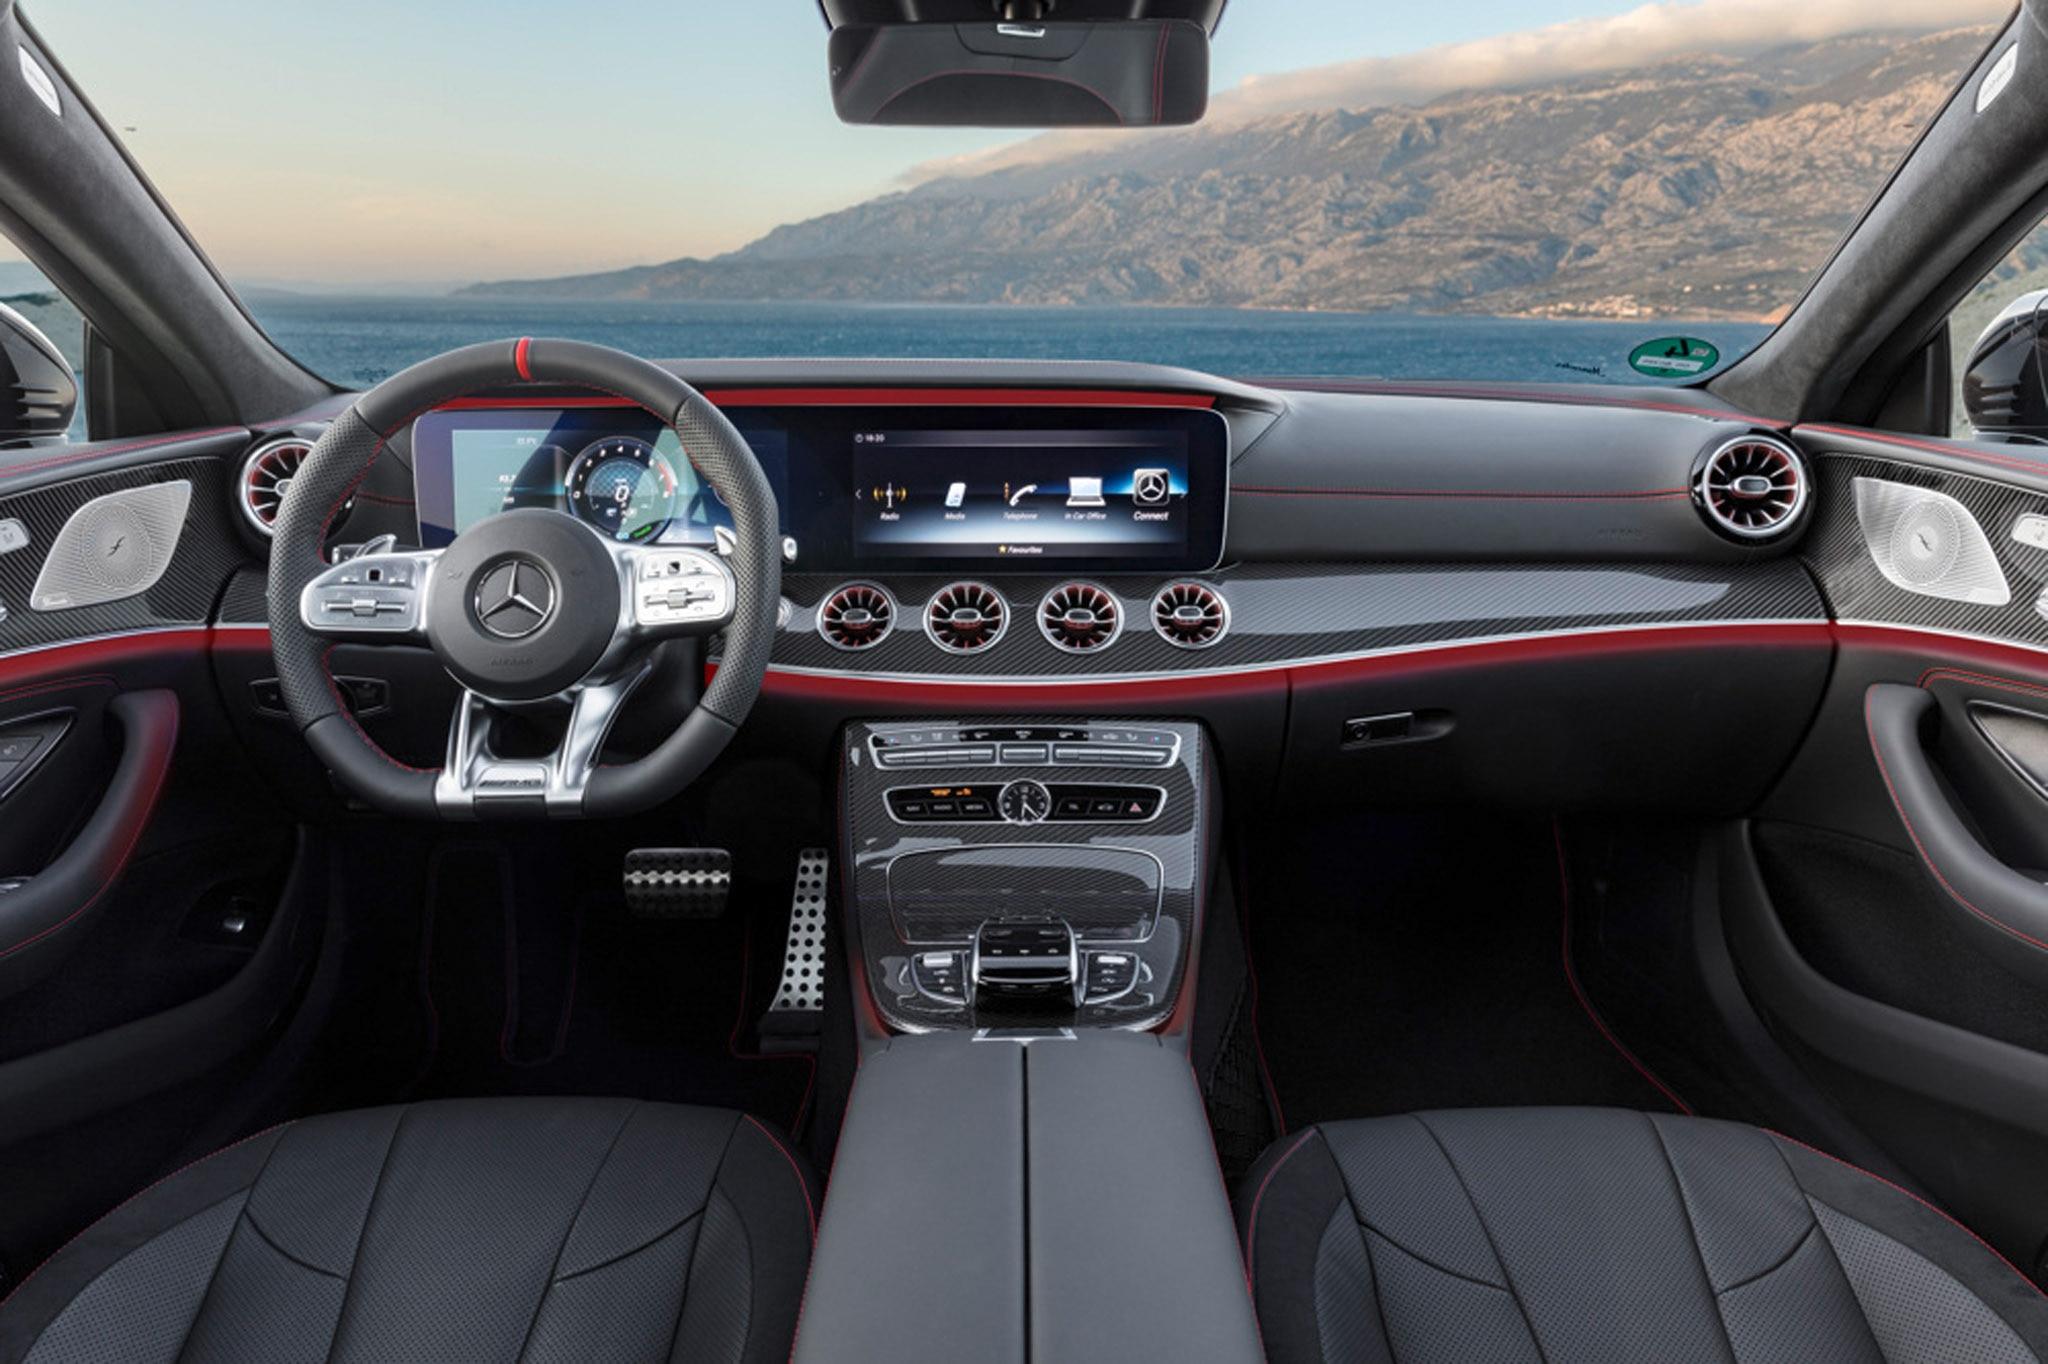 http://st.automobilemag.com/uploads/sites/11/2018/01/2019-Mercedes-AMG-CLS-53_021.jpg